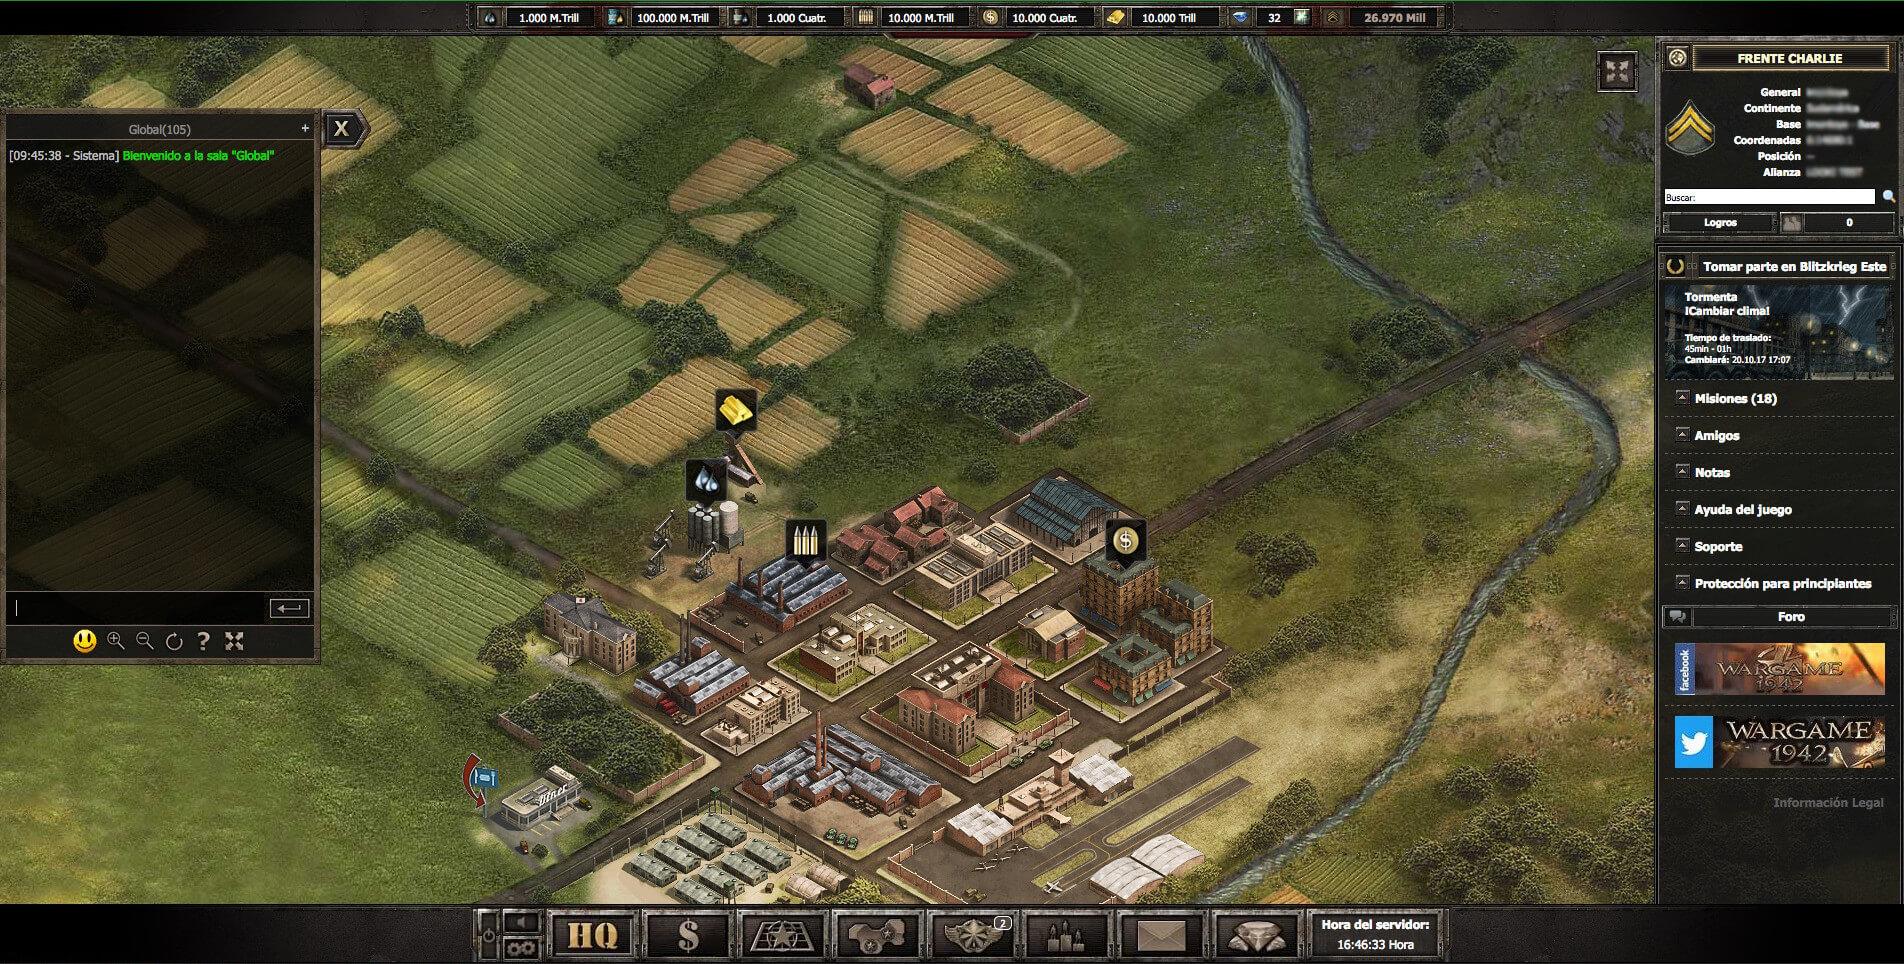 Wargame 1942 Juego De Estrategia De La Segunda Guerra